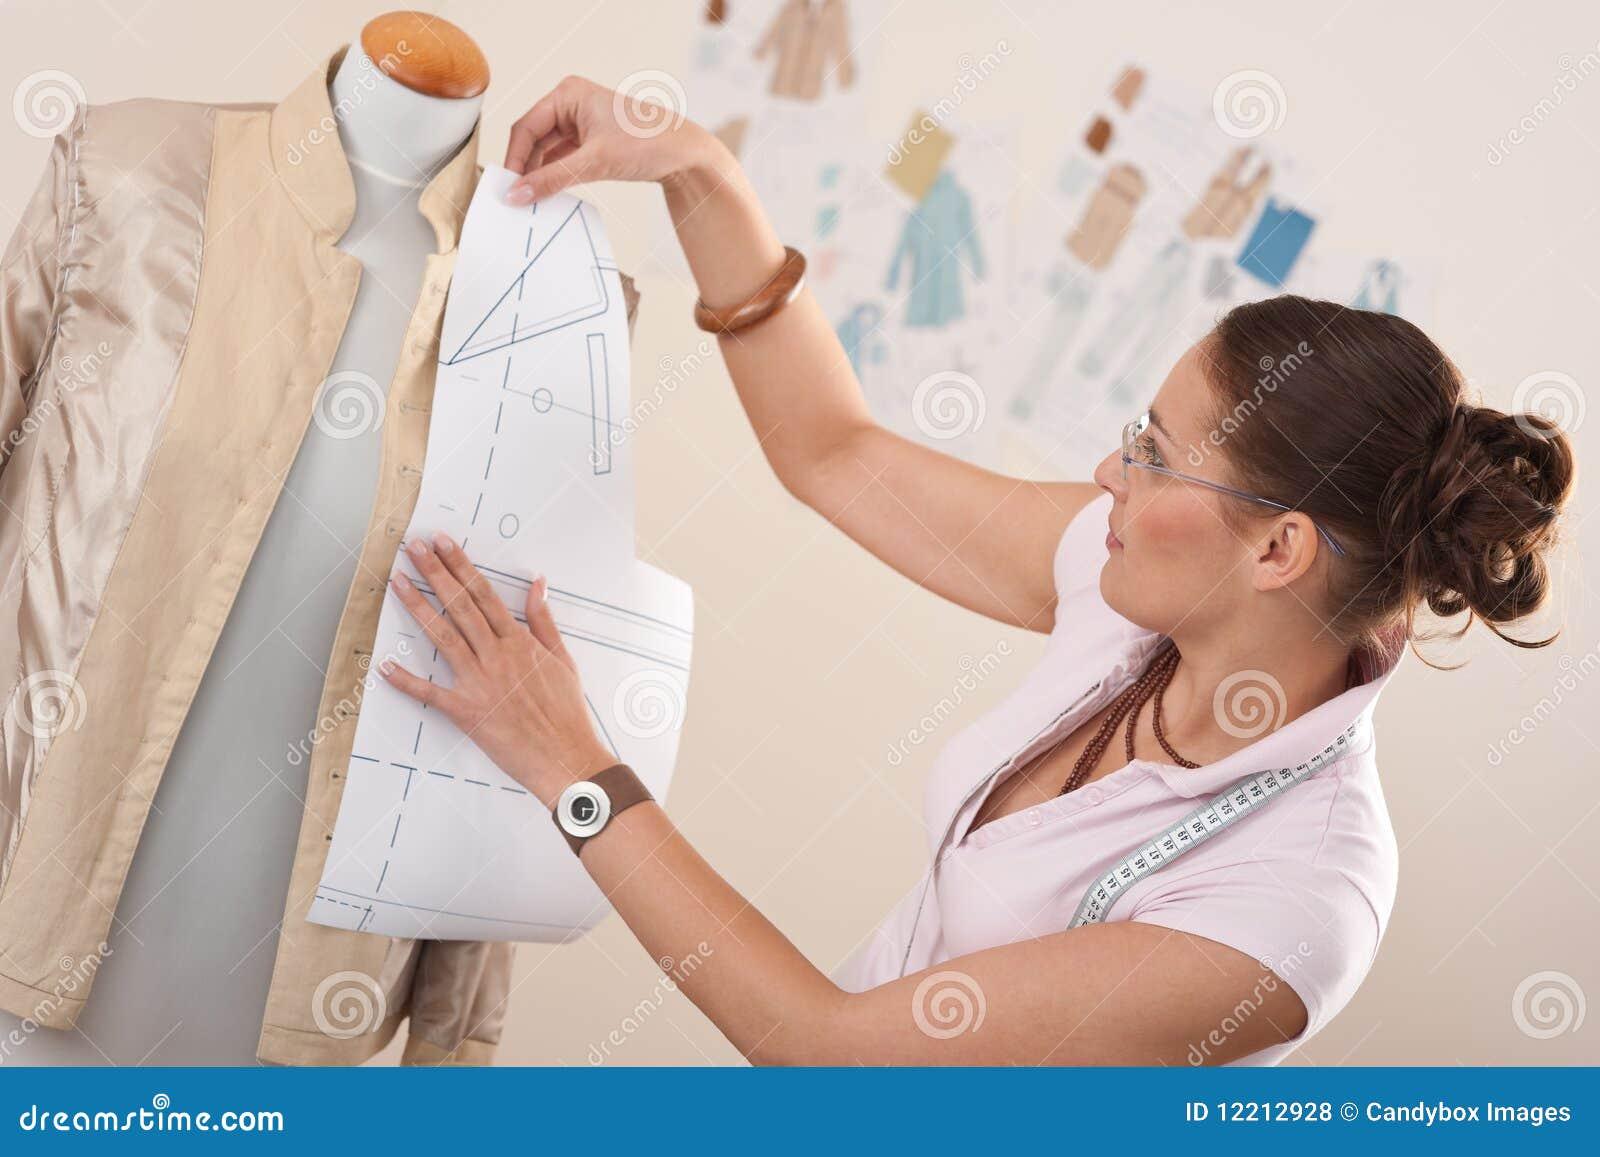 Female Fashion Designer Working Stock Photo - Image: 12212928